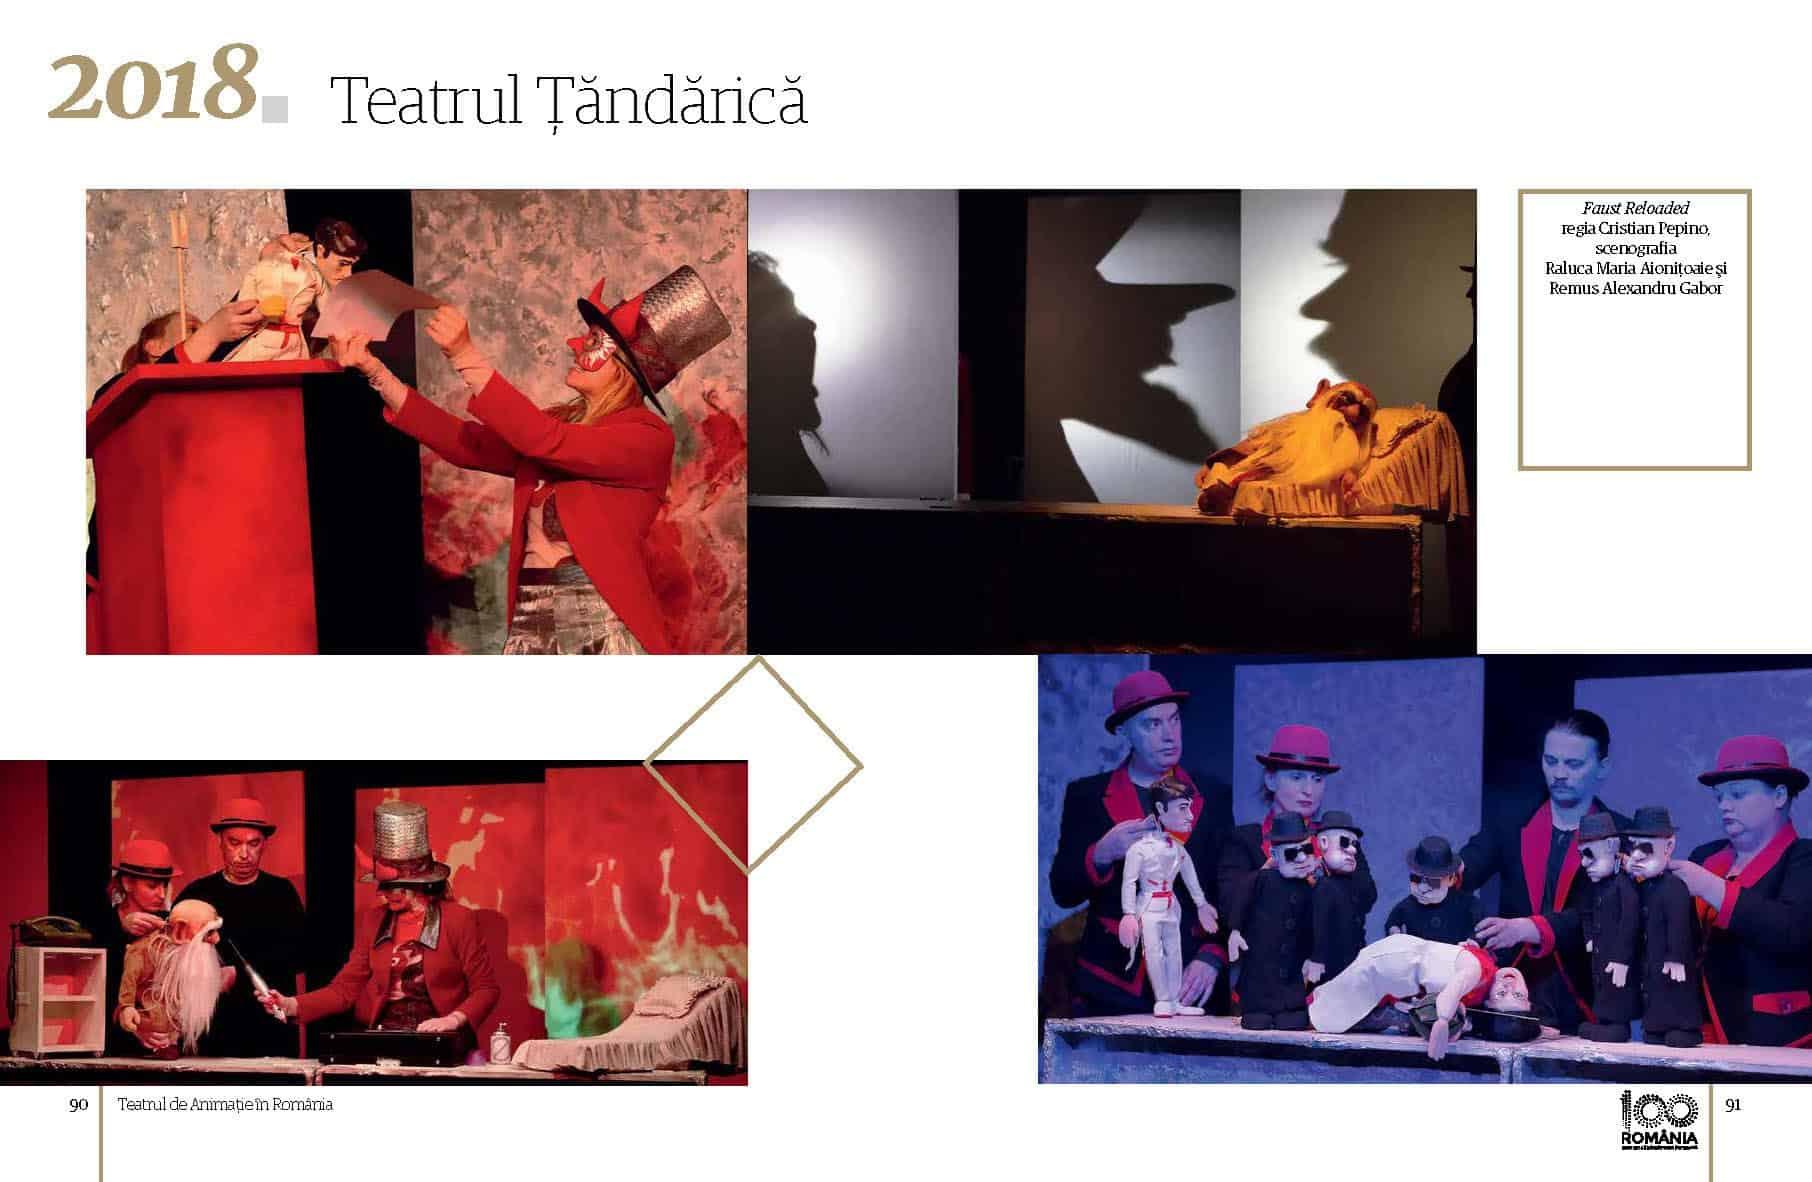 Album Teatrul de Animatie in Romania final preview fata in fata Page 46